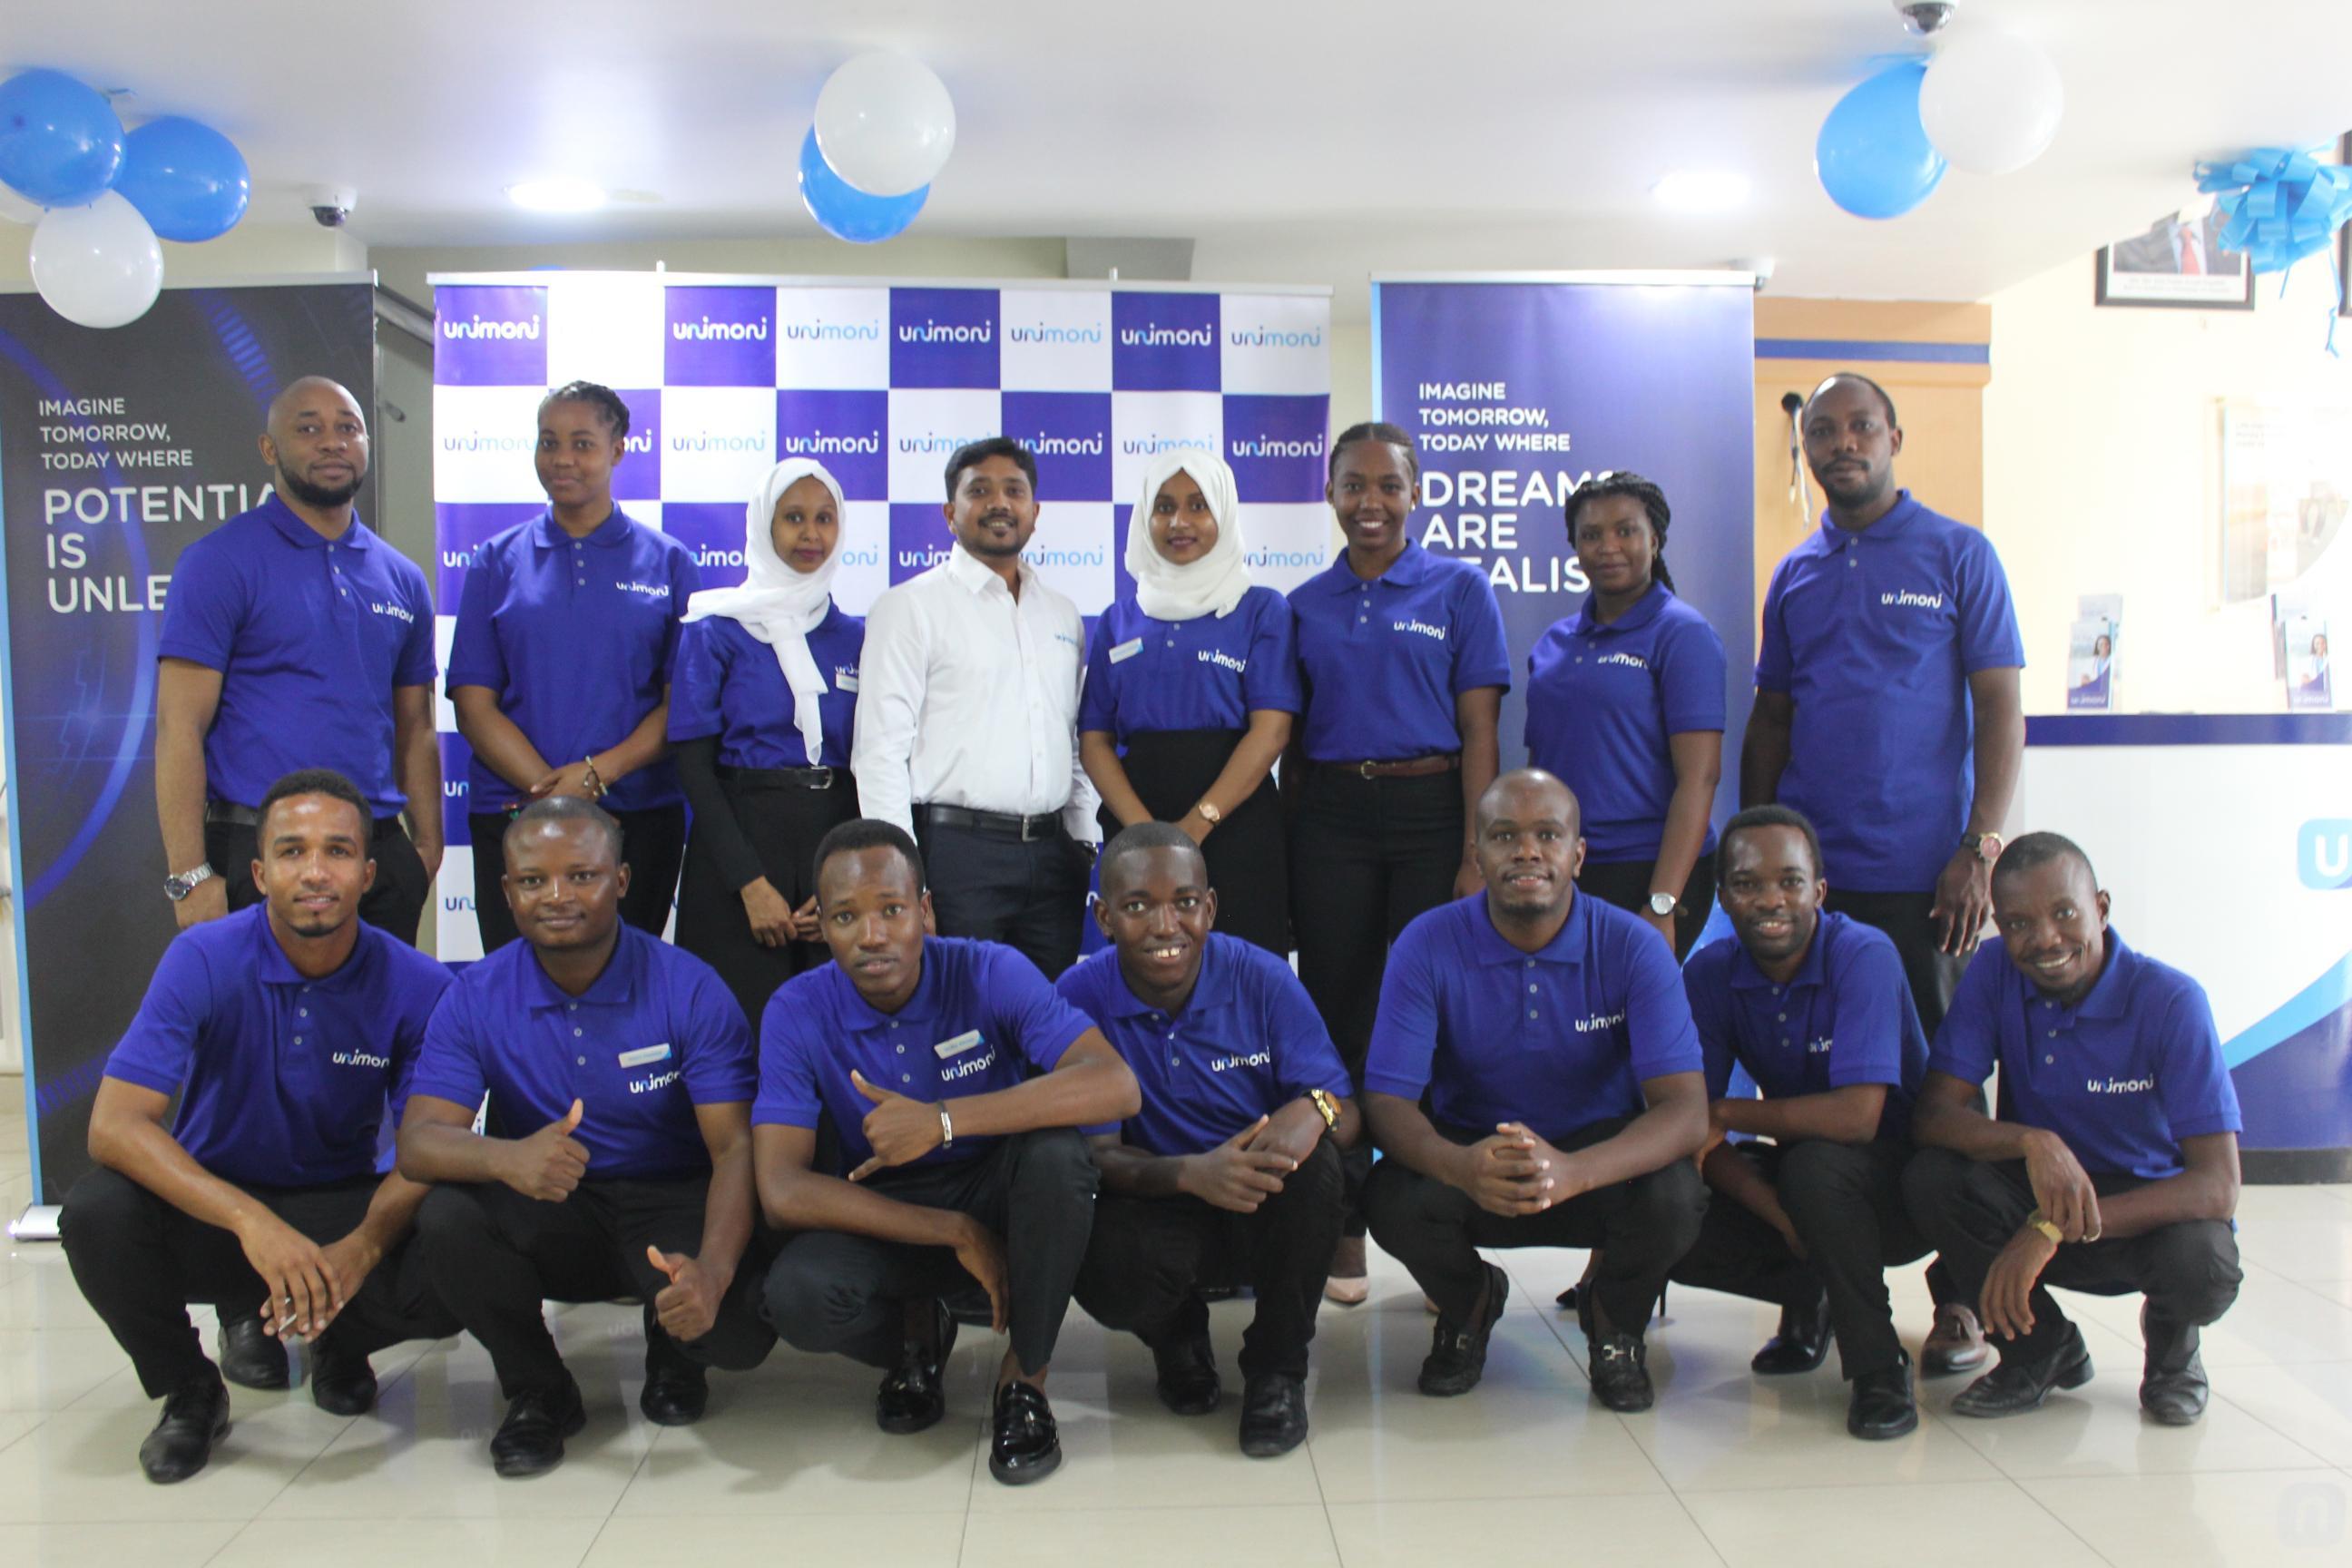 Unimoni Tanzania Team at the launch (Photo: AETOSWire)